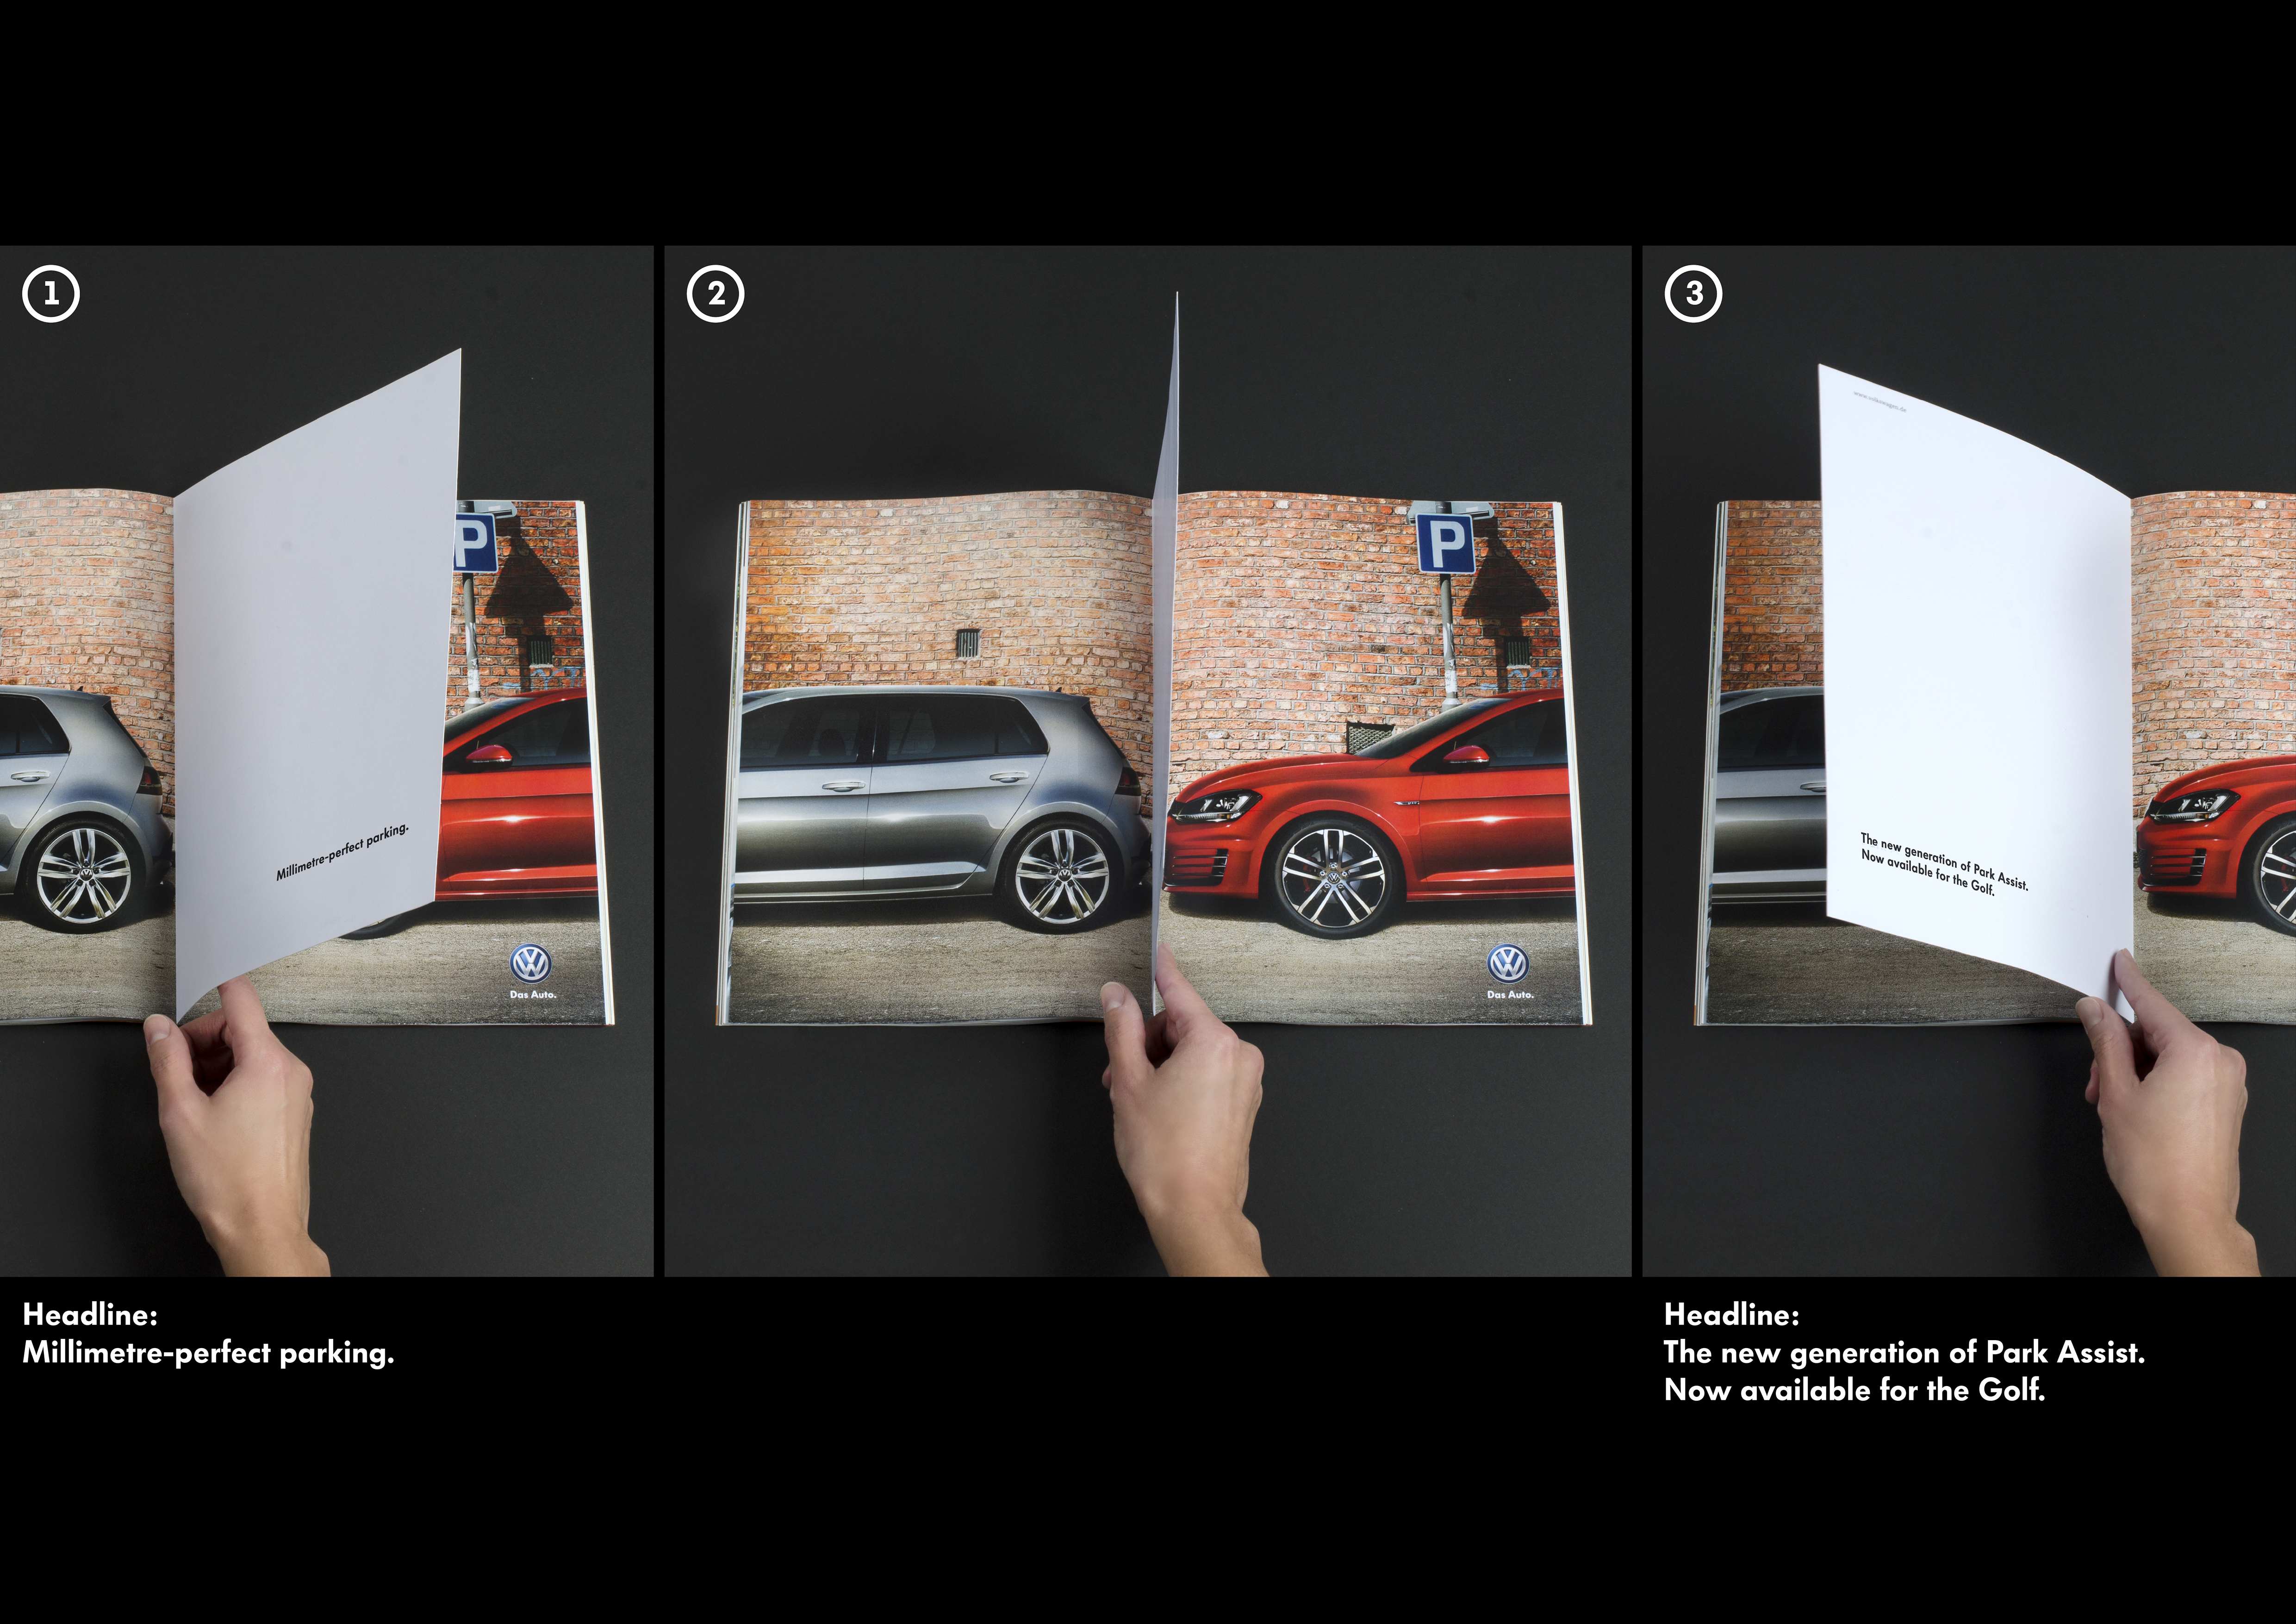 print ad volkswagen ag volkswagen park assist millimetre perfect parking. Black Bedroom Furniture Sets. Home Design Ideas